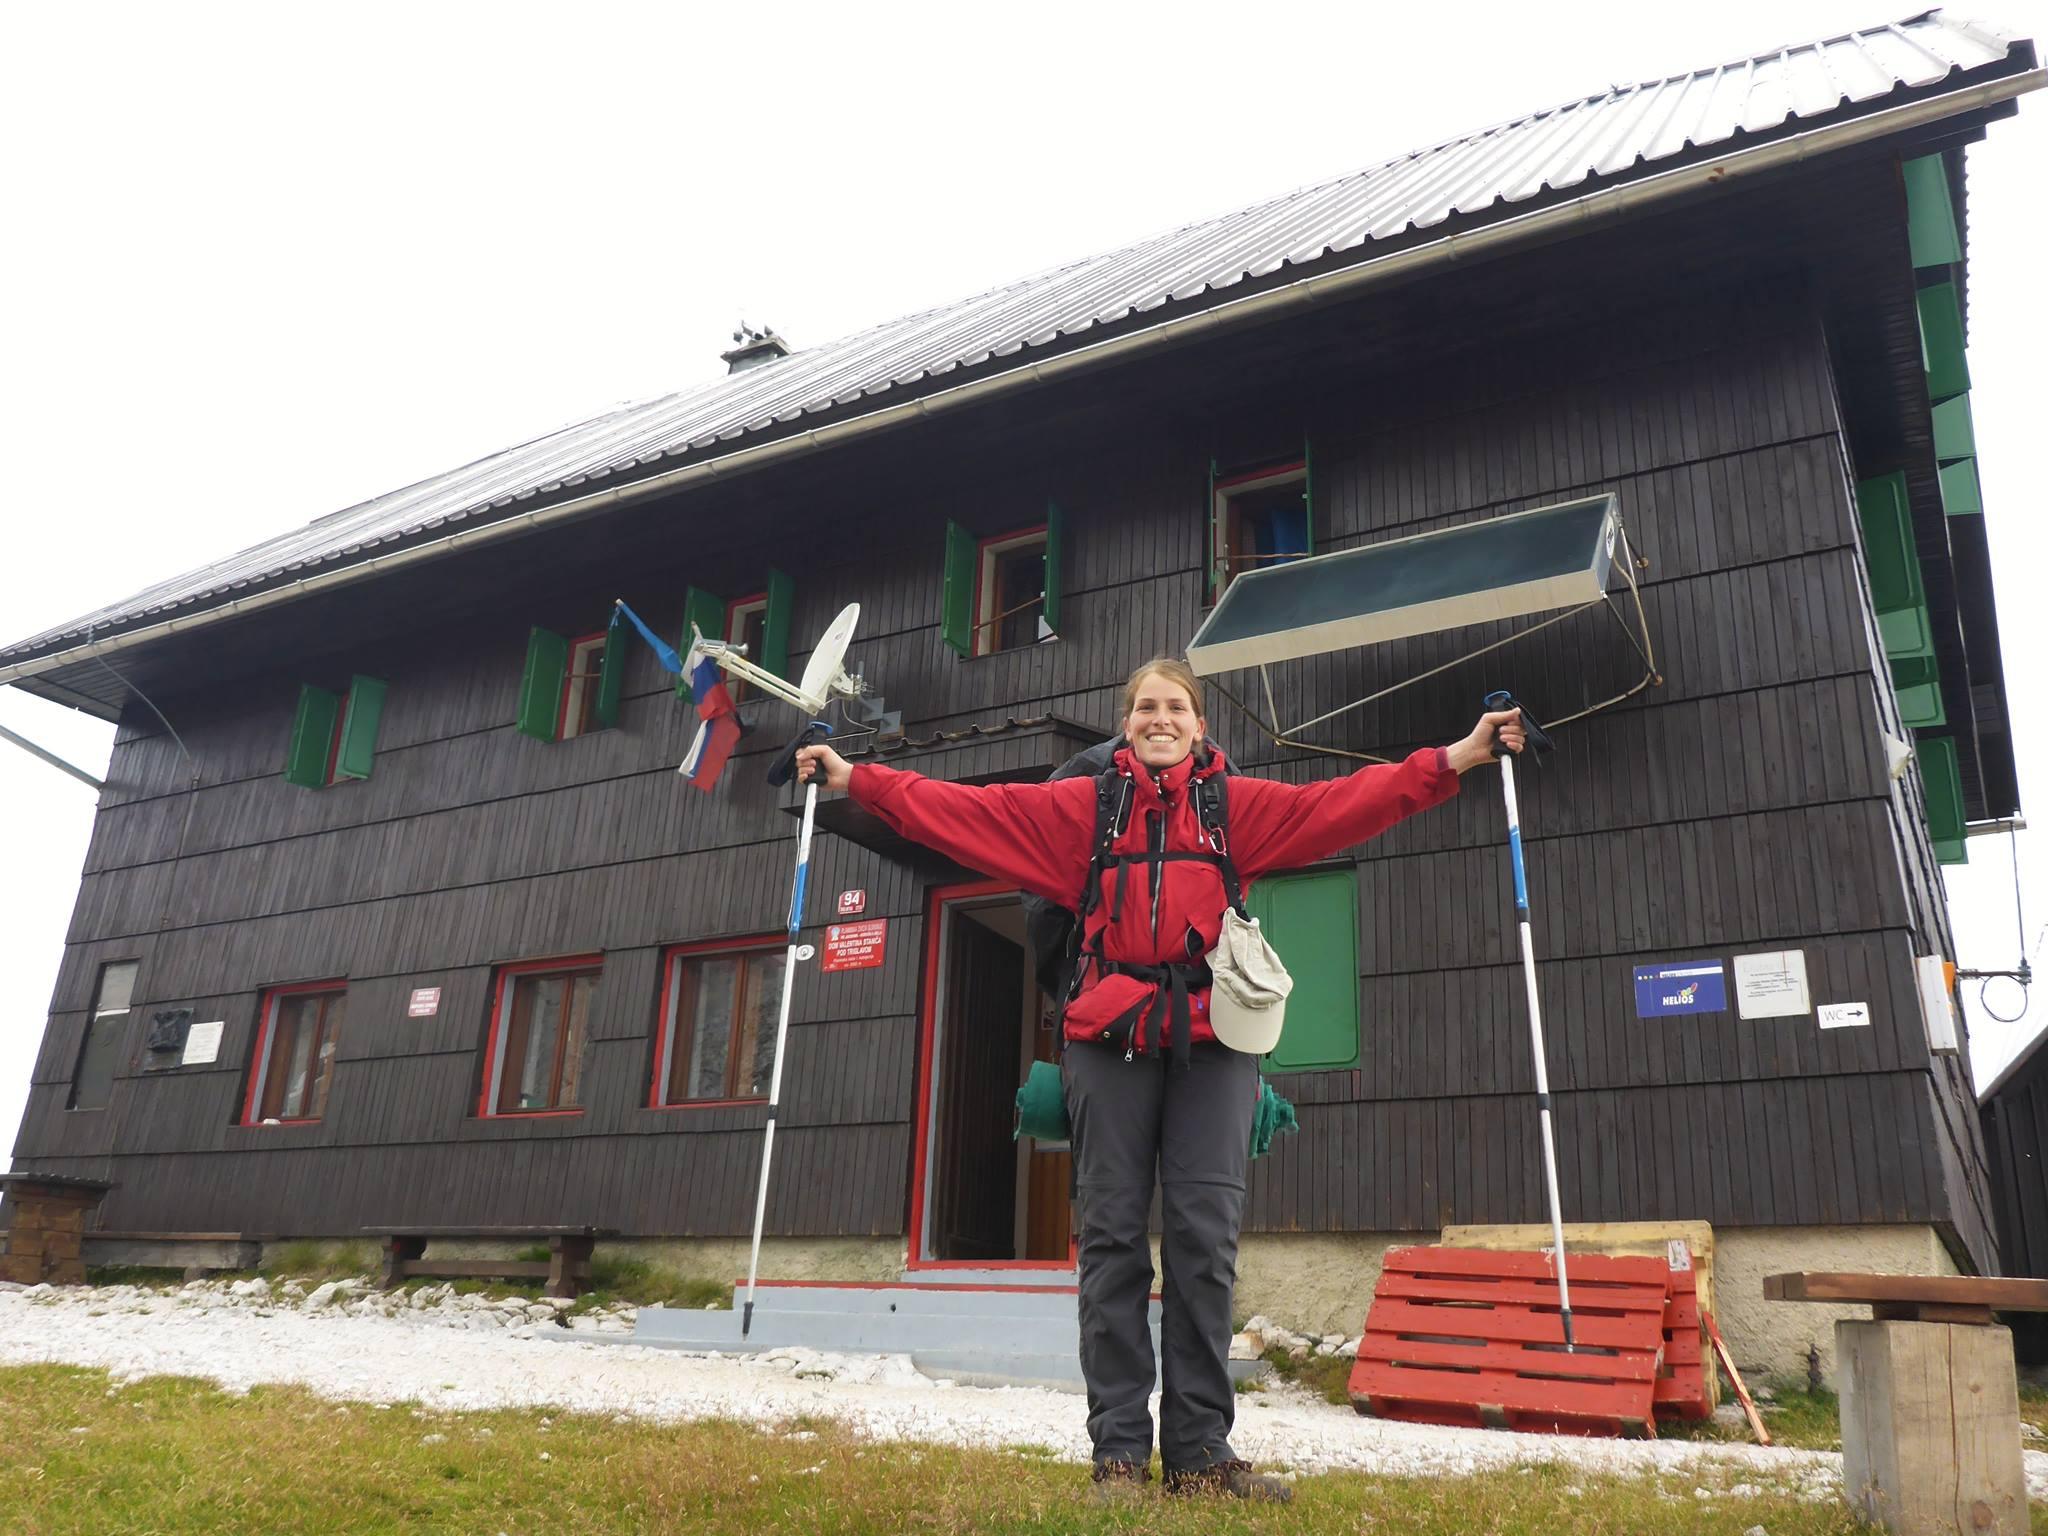 Nous atteignons le refuge, après 1300 mètres de dénivellé positif ! Bravo soeurette !